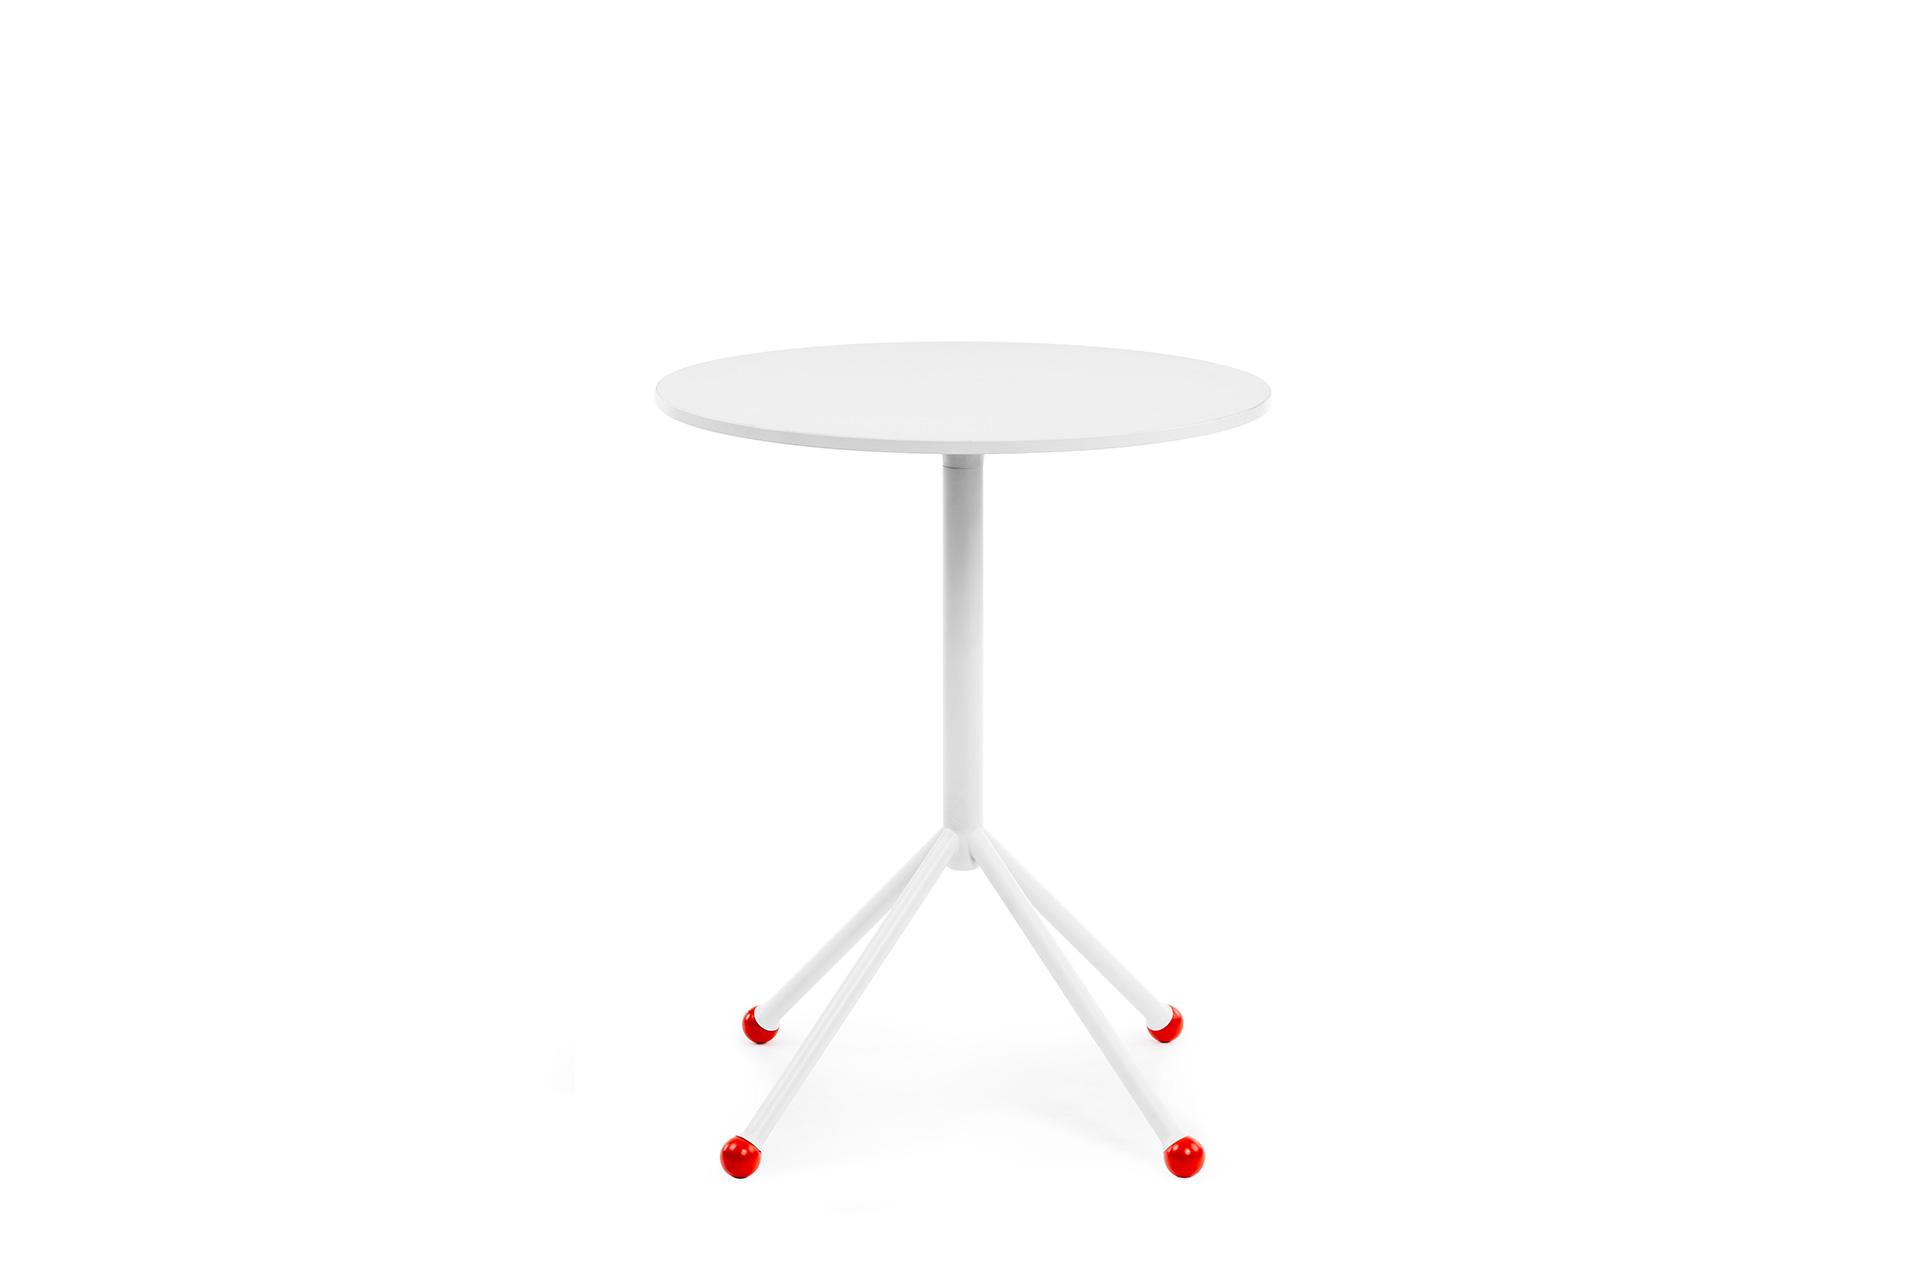 Omode-Schweiz-Moebel-Design-TIP-Mara-EVENT00005